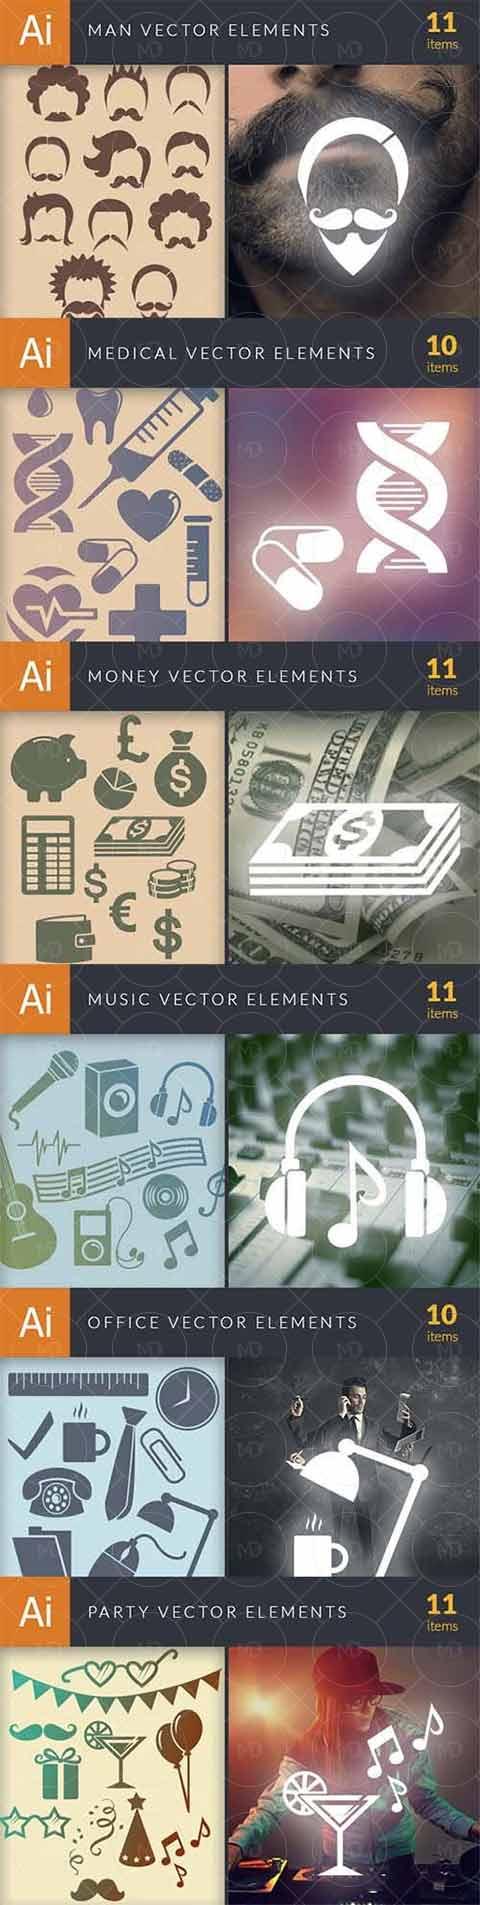 579 Premium Vector Elements دانلود 579 وکتور پرمیوم